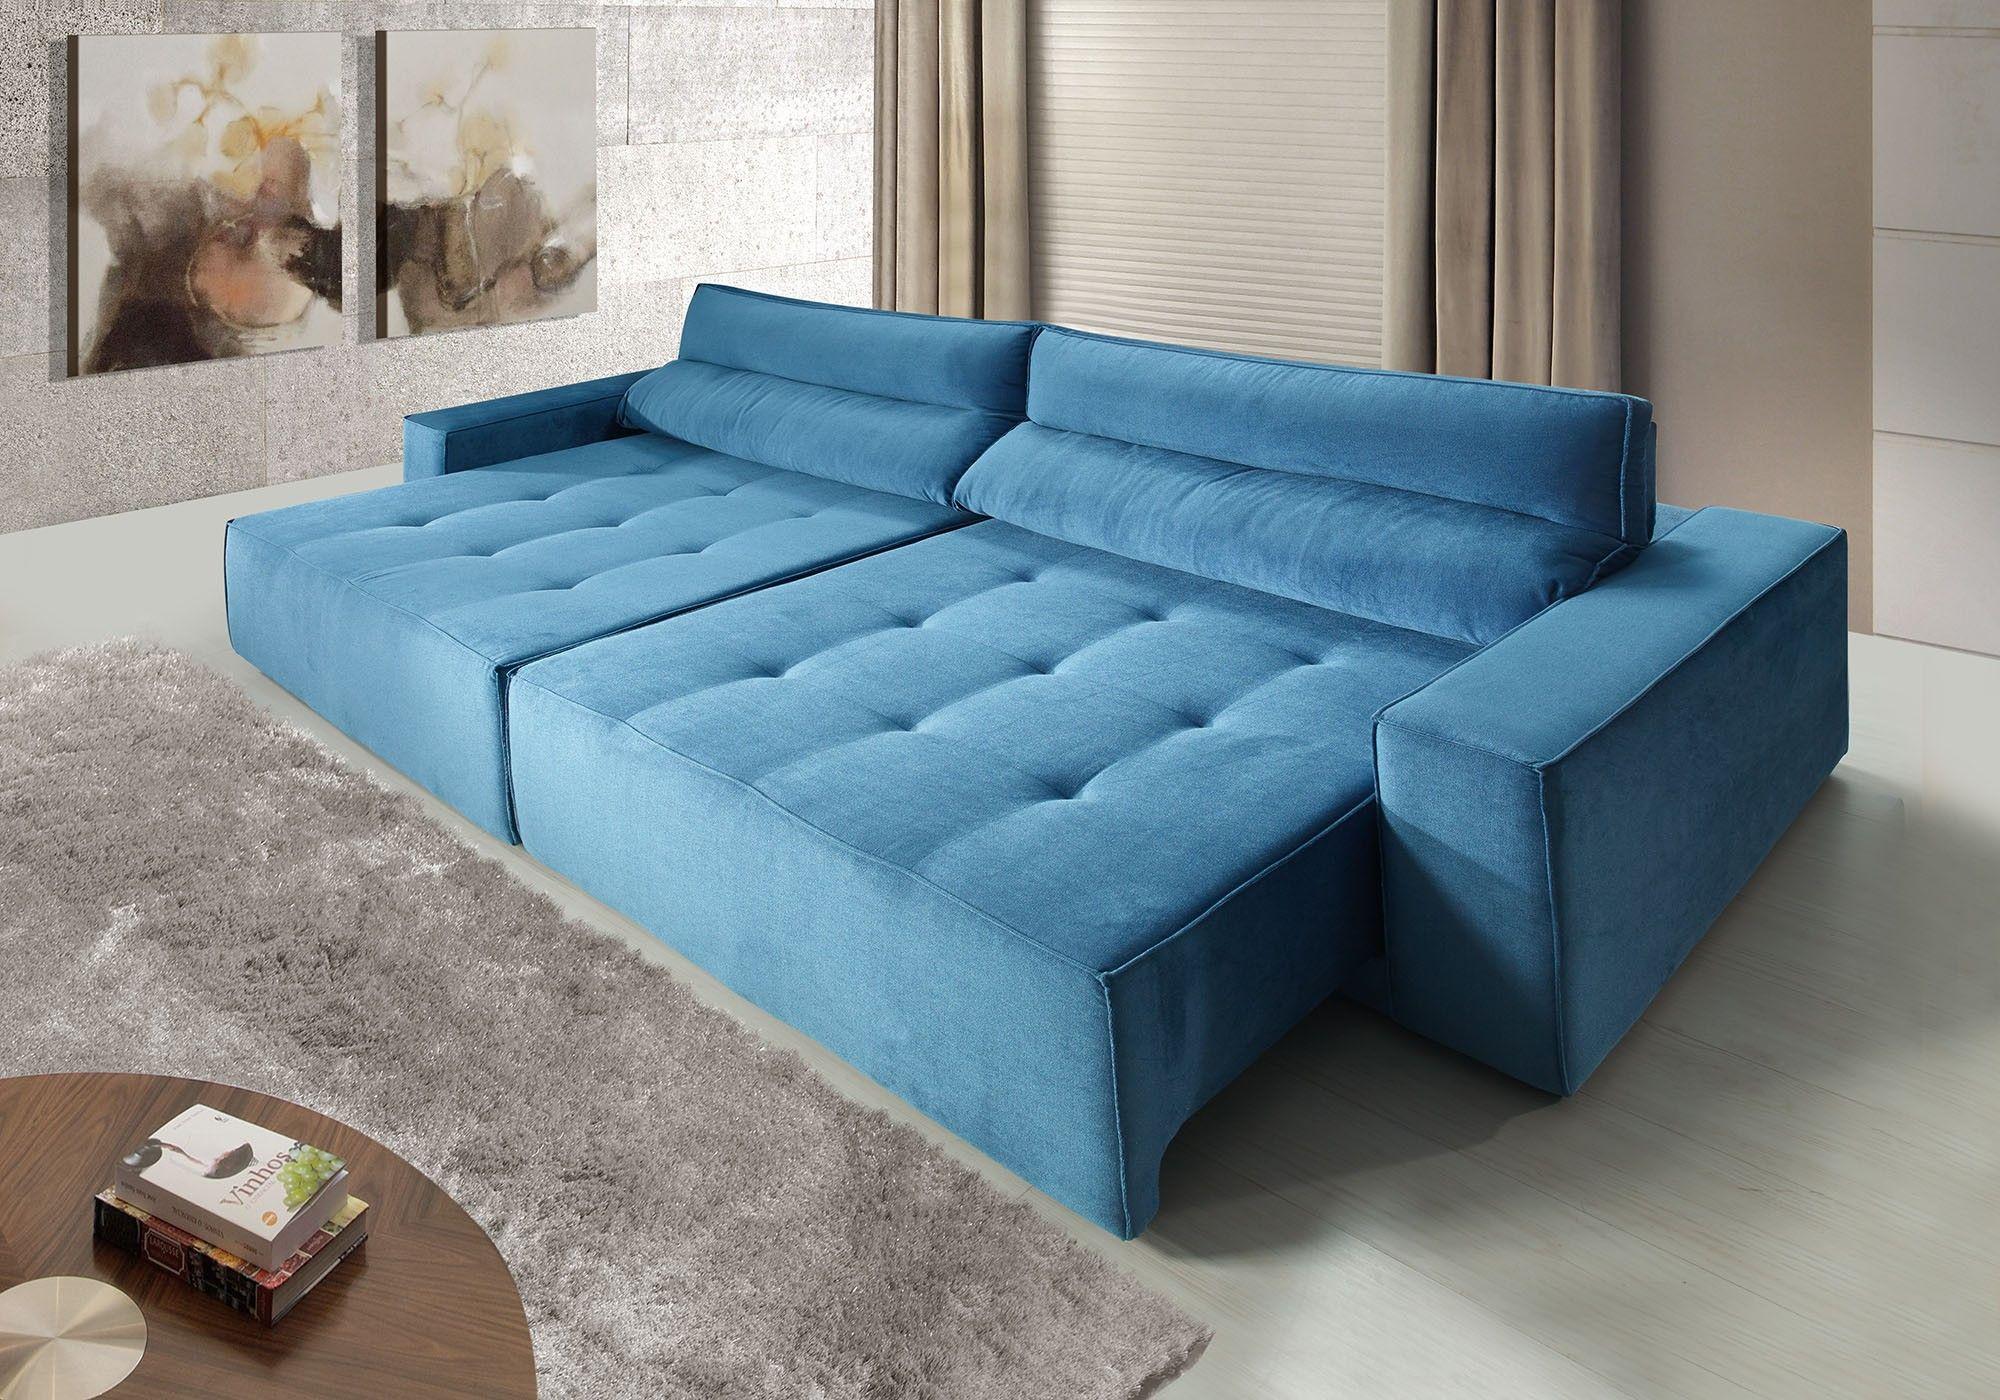 Sof sublime 4 lugares assento retr til e encosto for Sofa 4 lugares reclinavel e assento retratil